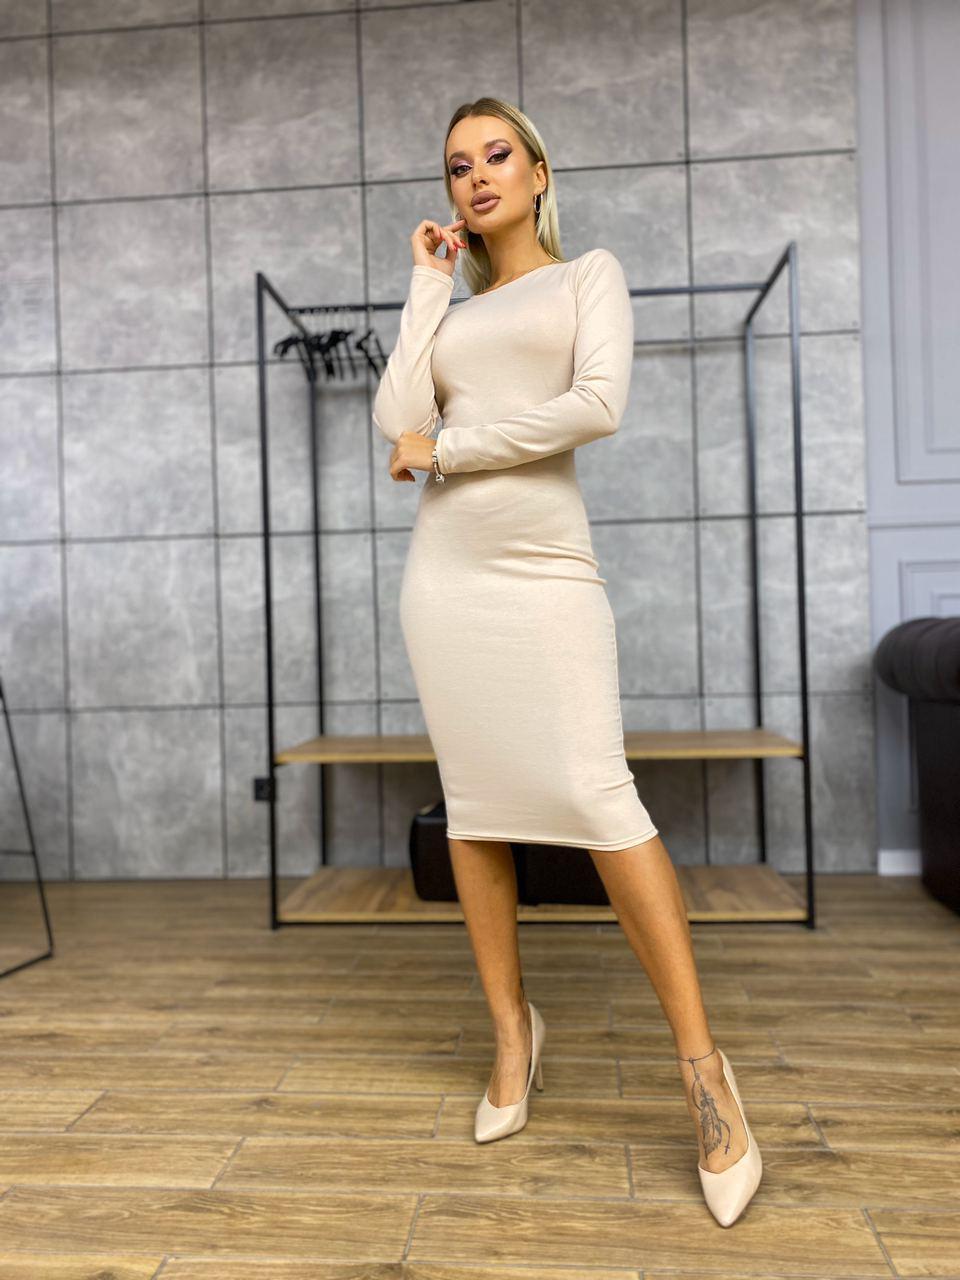 Жіноче трикотажне плаття футляр до коліна, довгі рукава, обтягуюче, класичне. Бежеве. 48, 50, 52